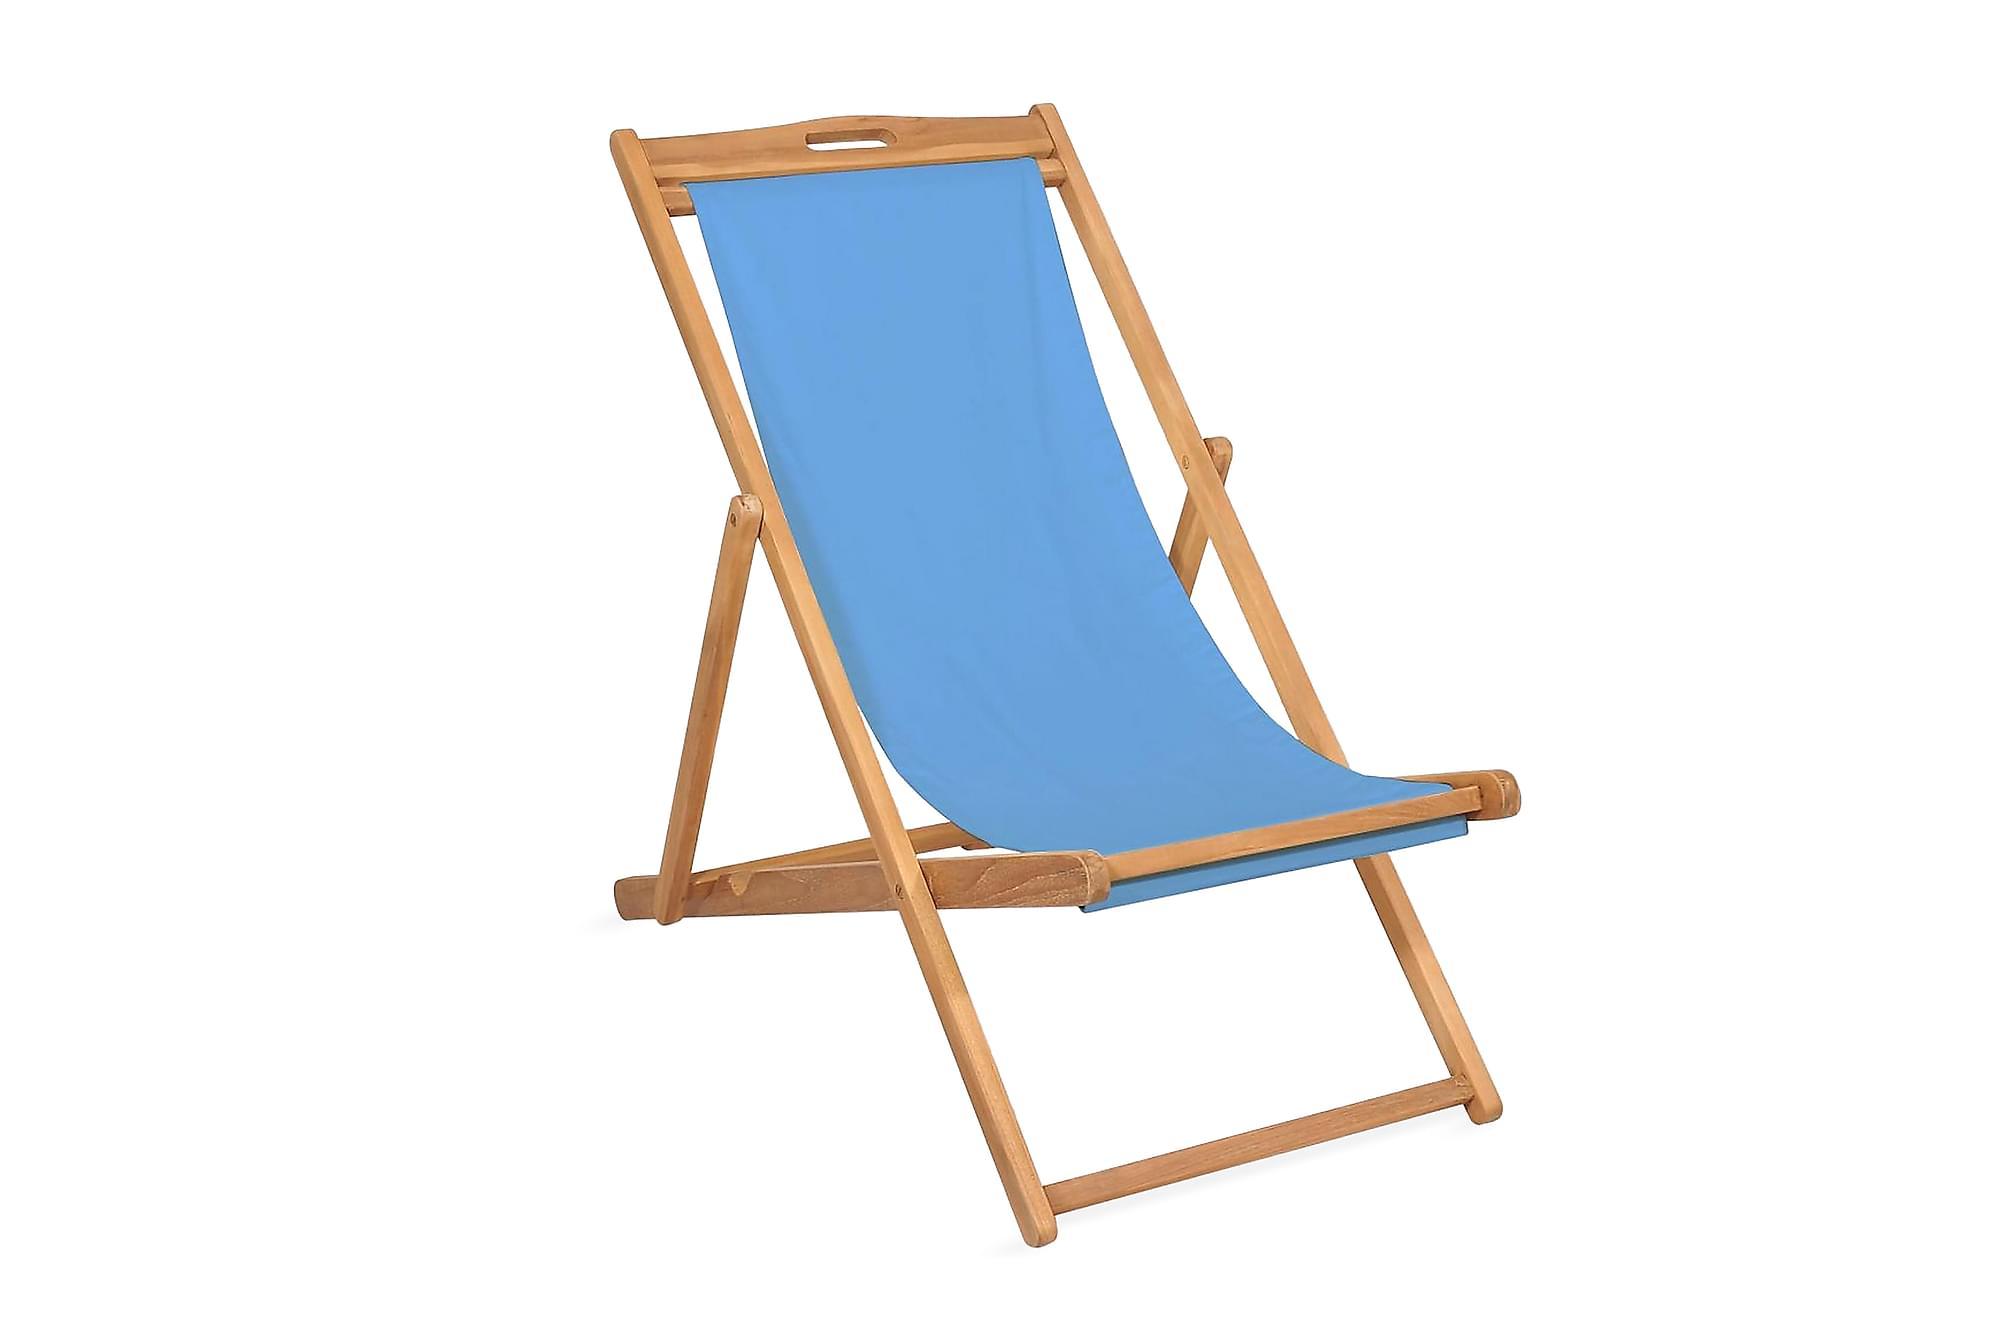 Strandstol teakträ 56x105x96 cm blå, Campingstol